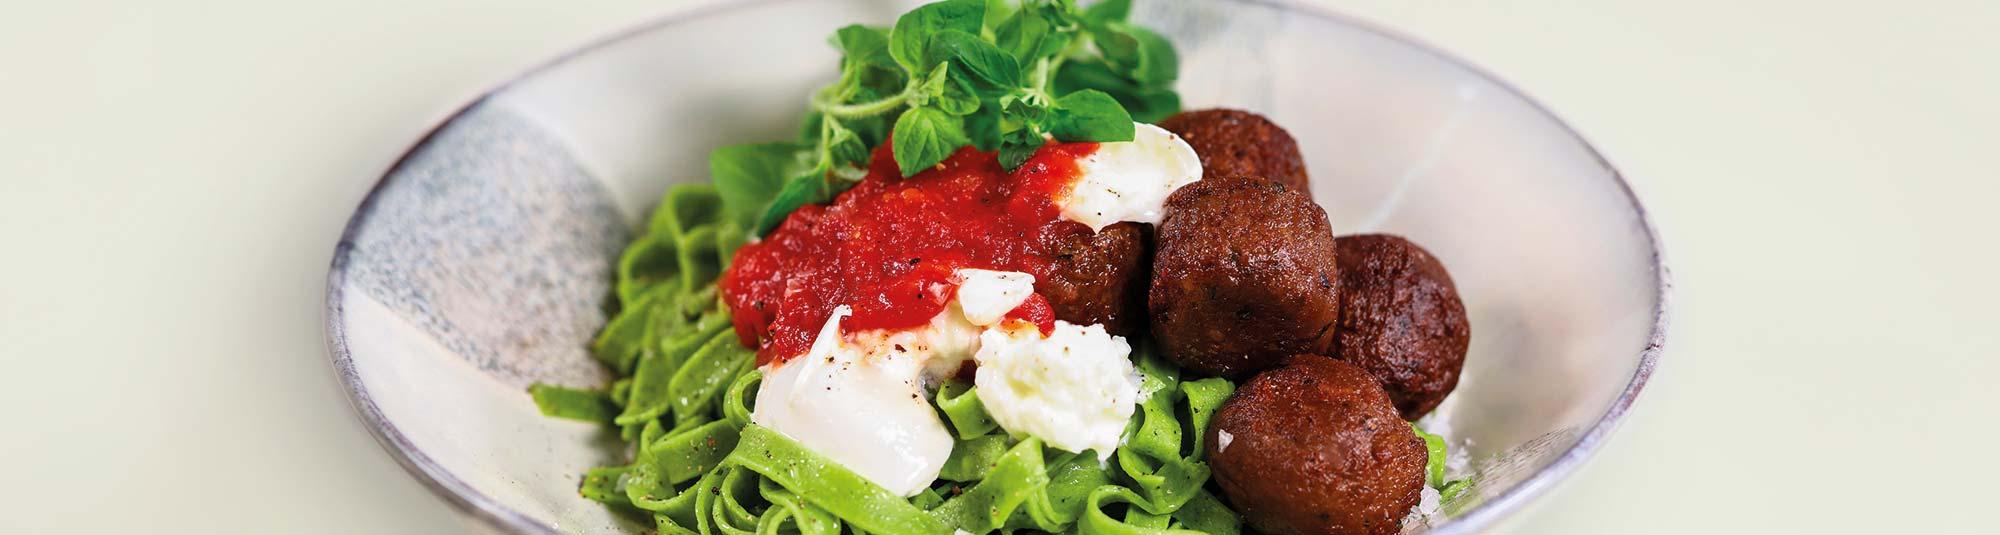 Veganska peasebullar med mozzarella och tomatsås